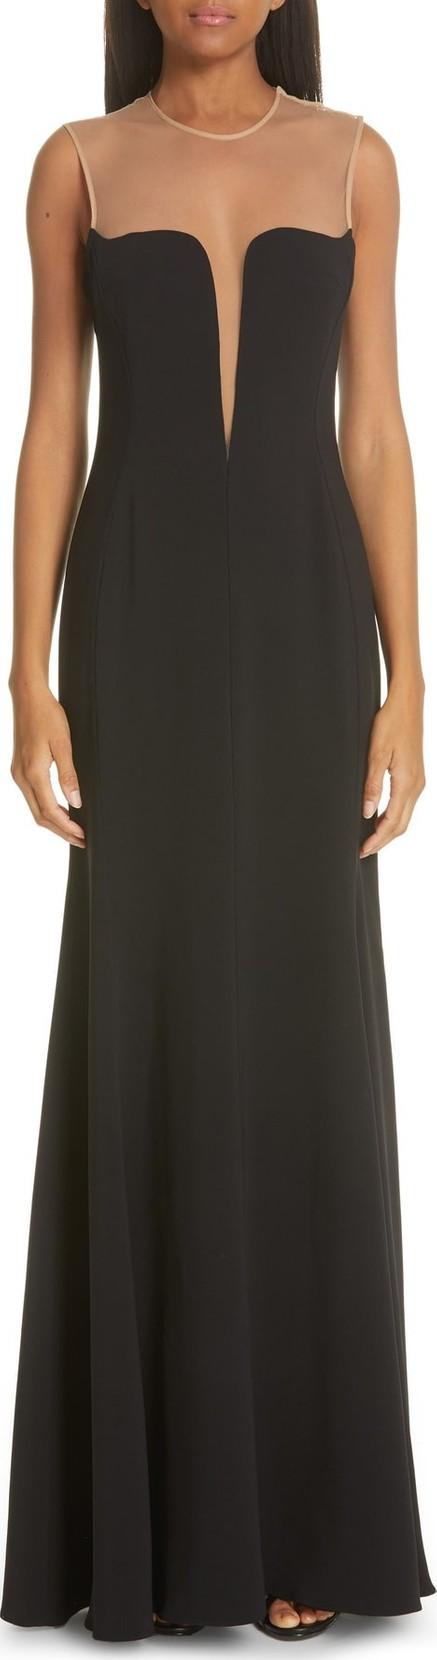 Stella McCartney Illusion Yoke Dress